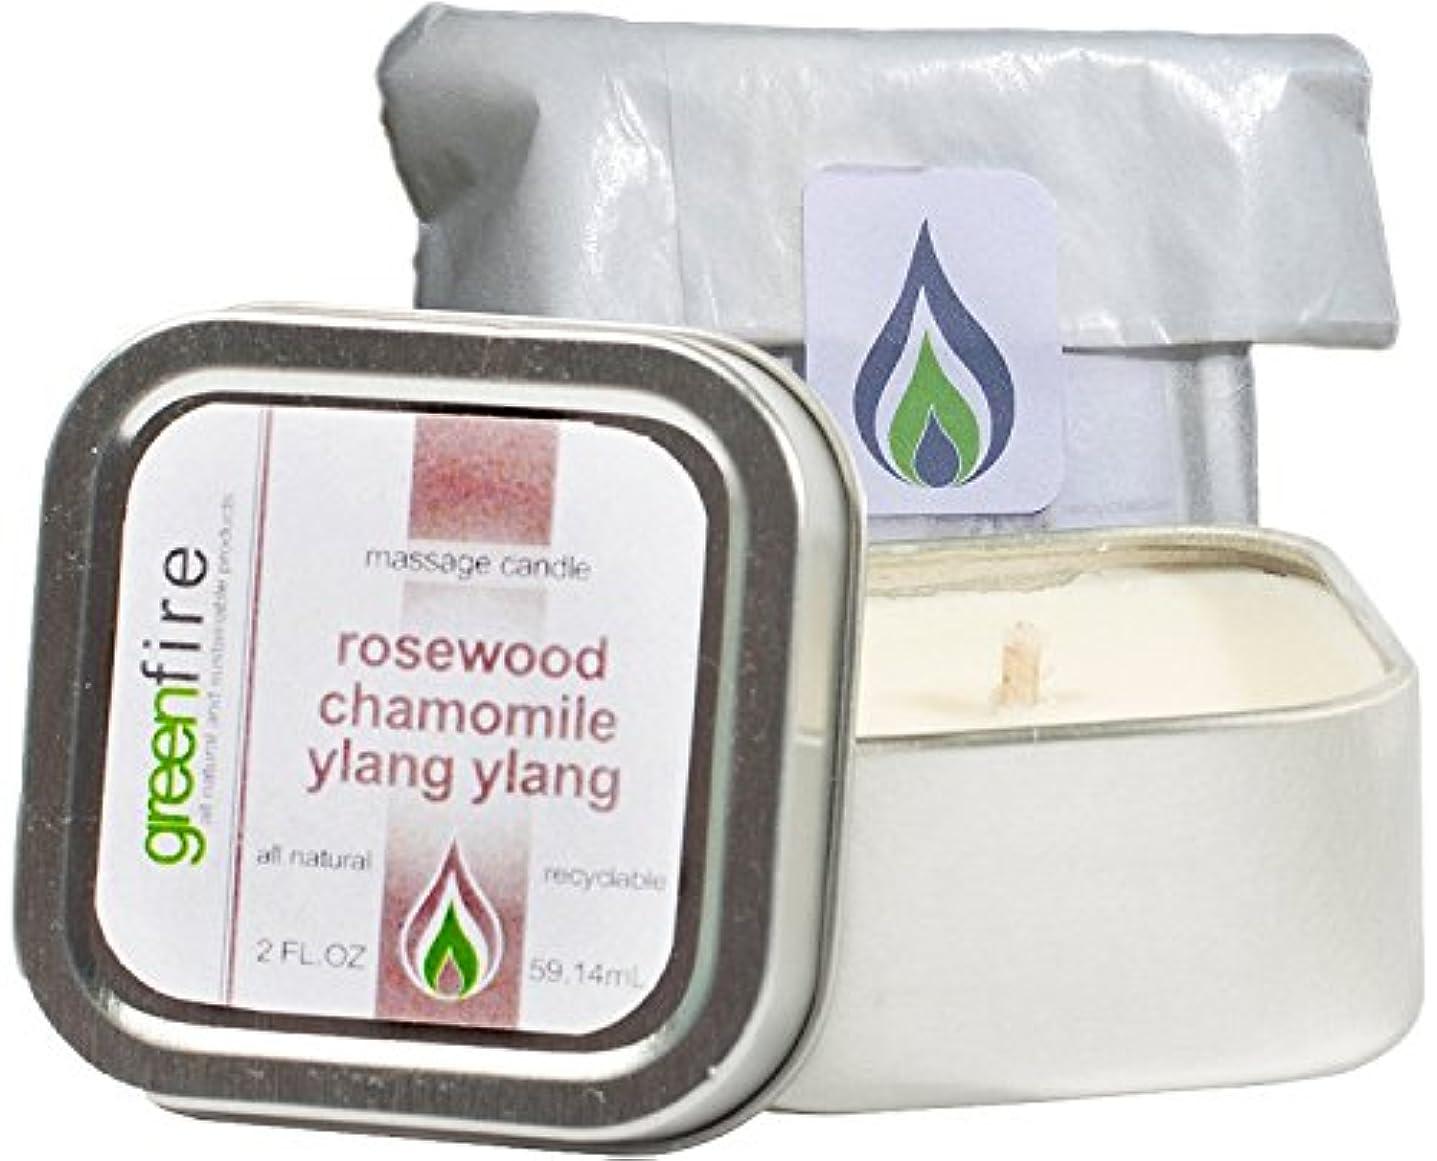 誰資格電信グリーンファイヤーマッサージキャンドル ローズウッド?カモミール?イランイランの香り(サイズ:59.1mL)